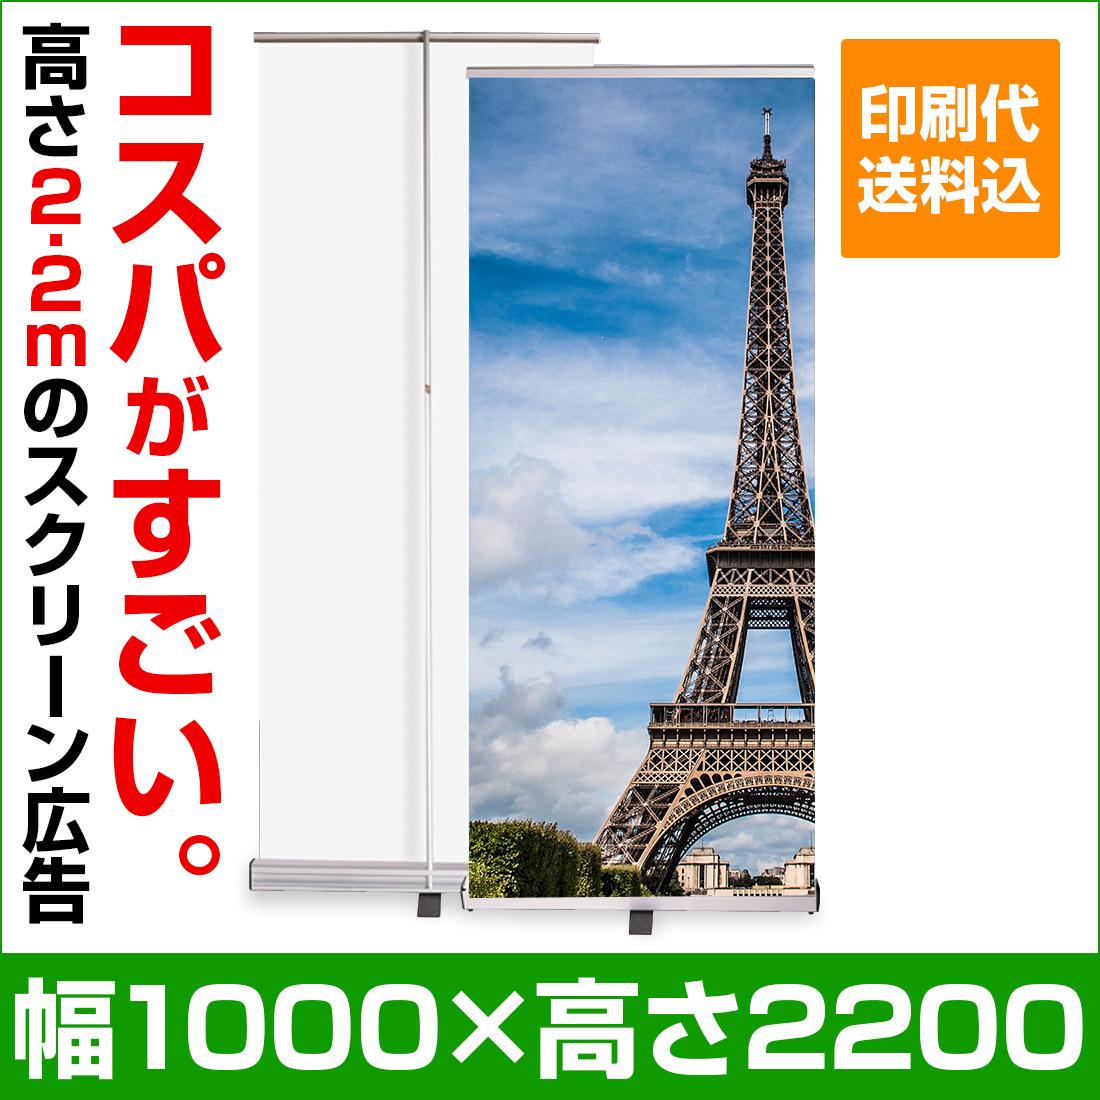 【印刷・送料込み】ロールアップバナースタンド W1000 |ロールスクリーン バナースタンド 幅100cm×高さ220cm